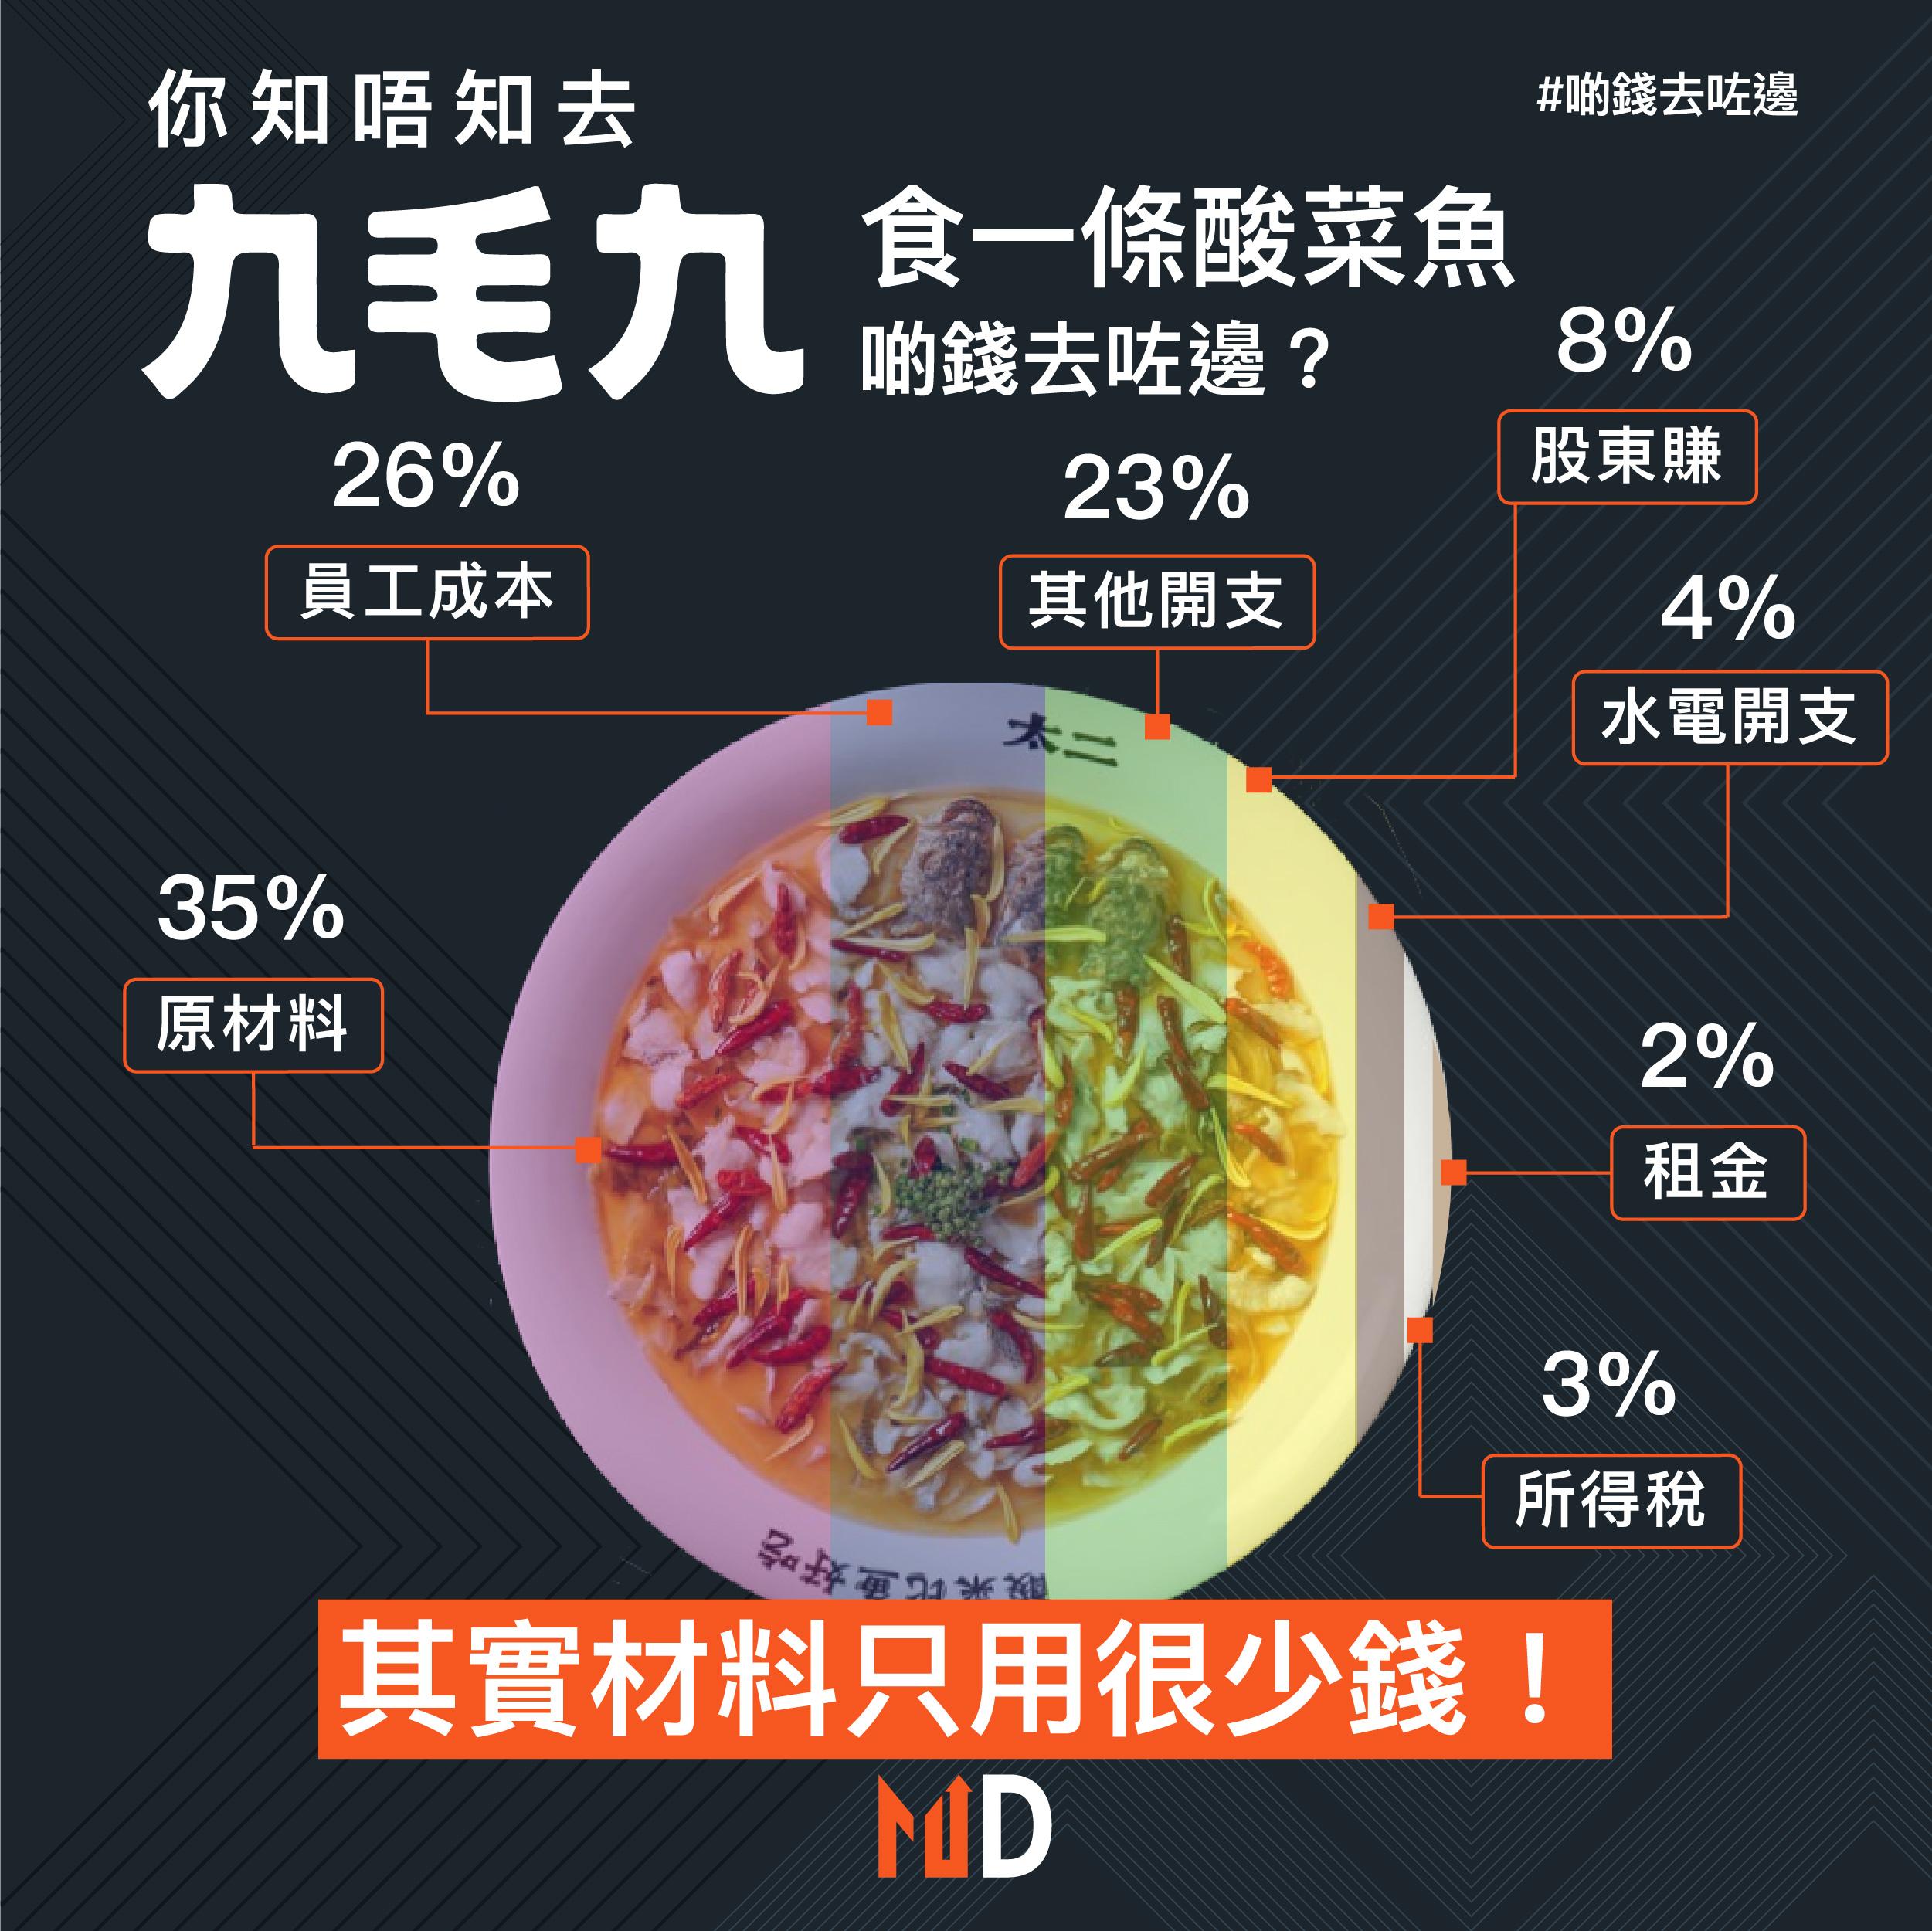 【啲錢去咗邊】你知唔知去九毛九食一條酸菜魚,啲錢去咗邊?